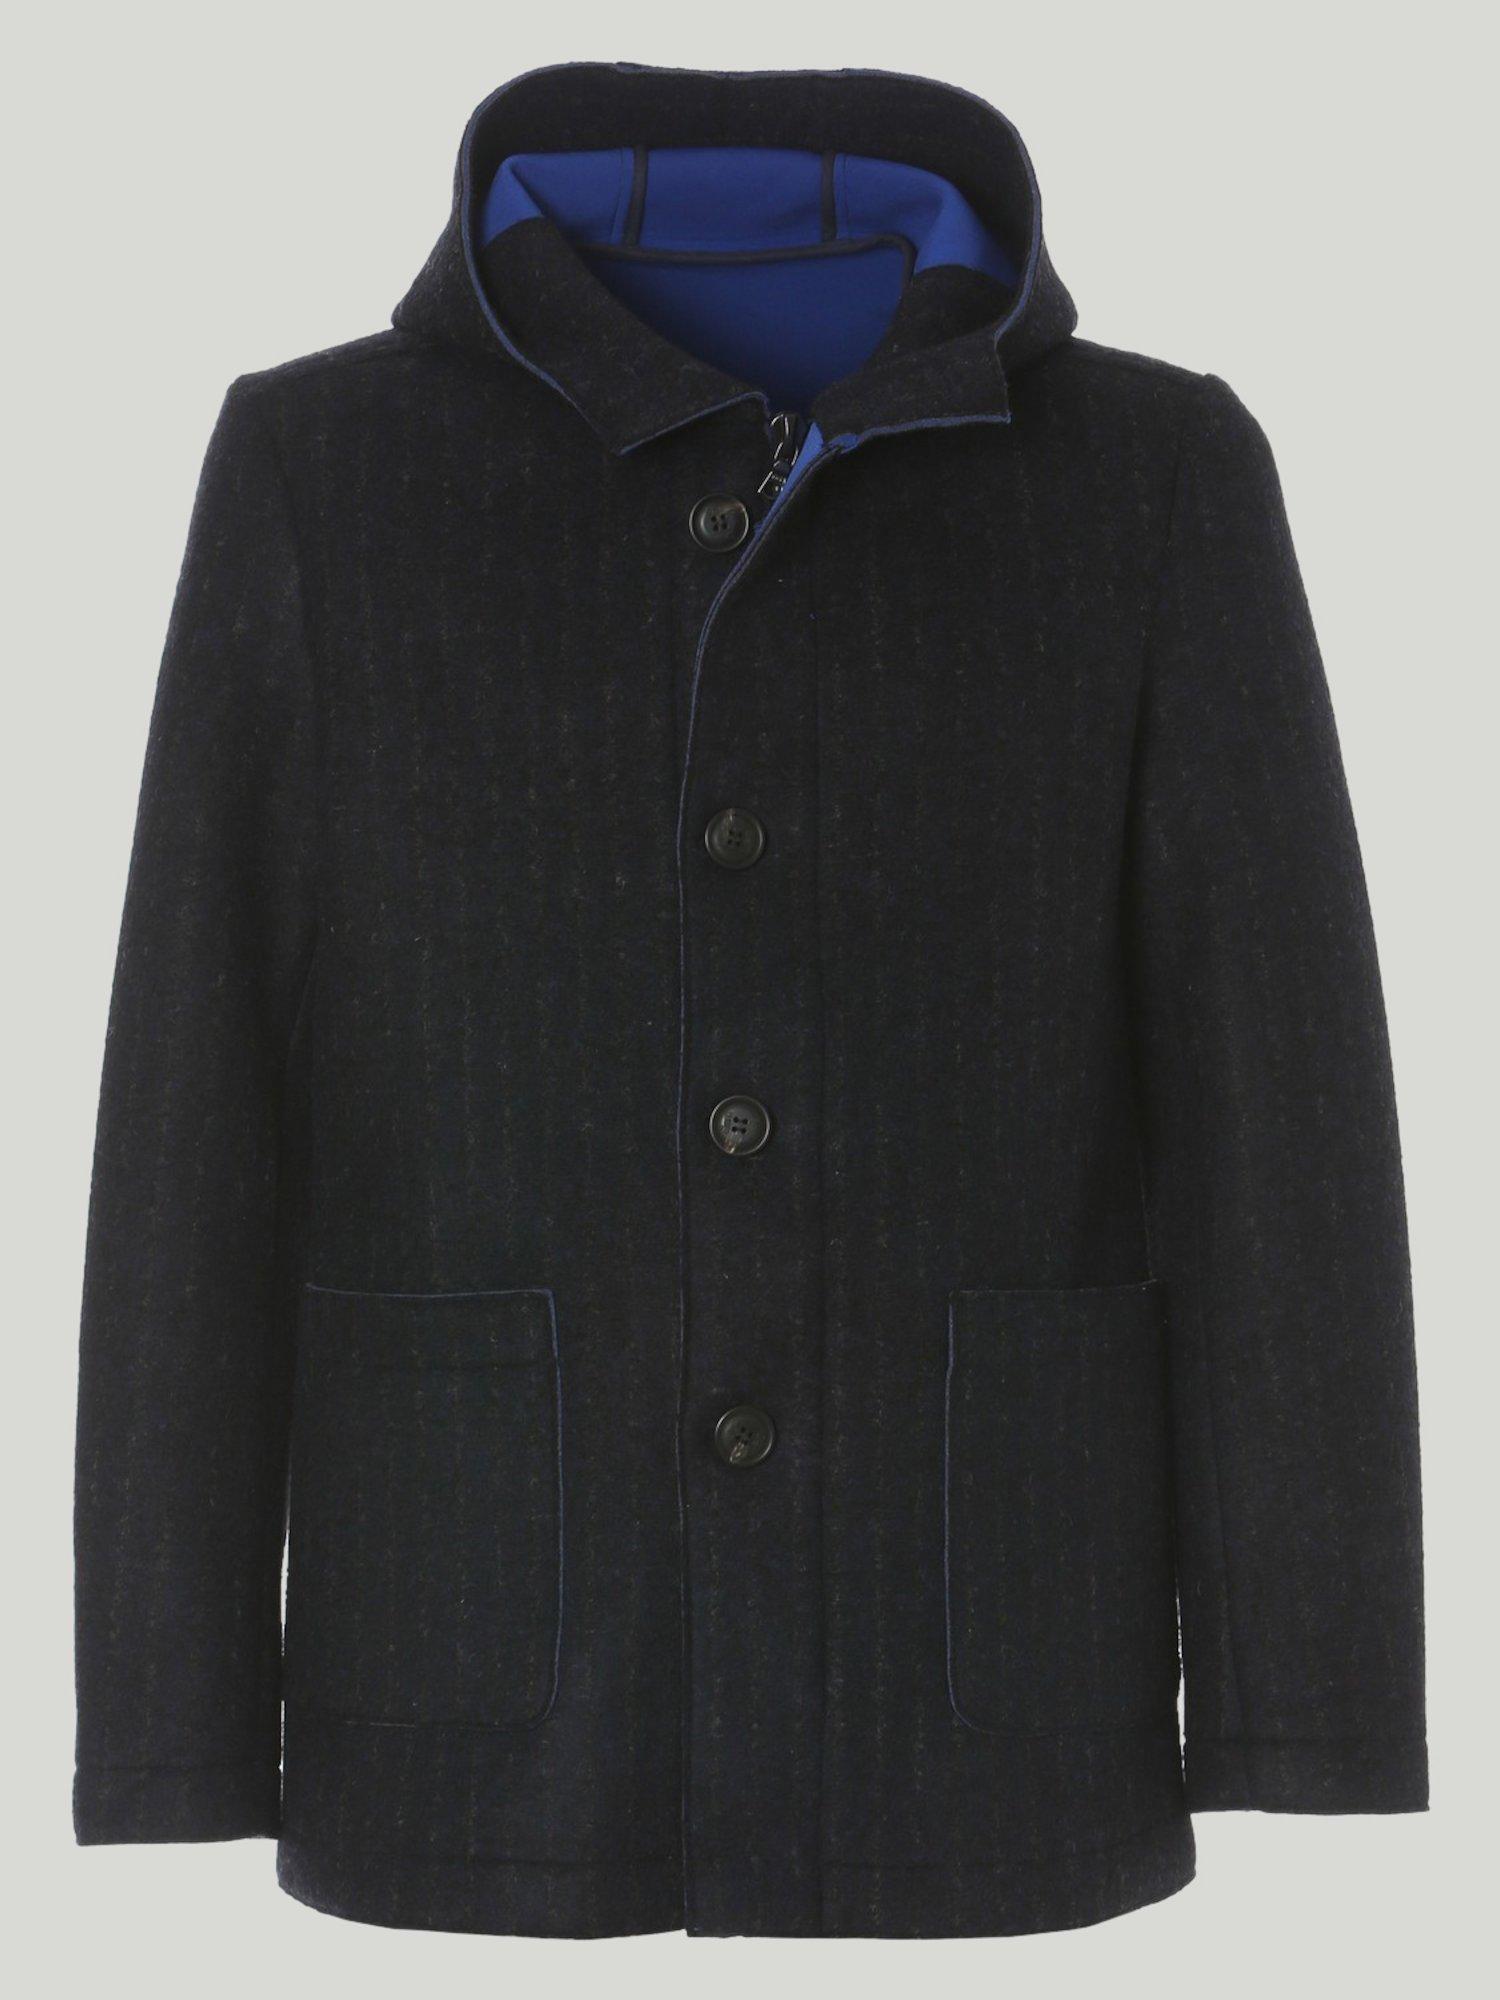 Boomer jacket - Navy